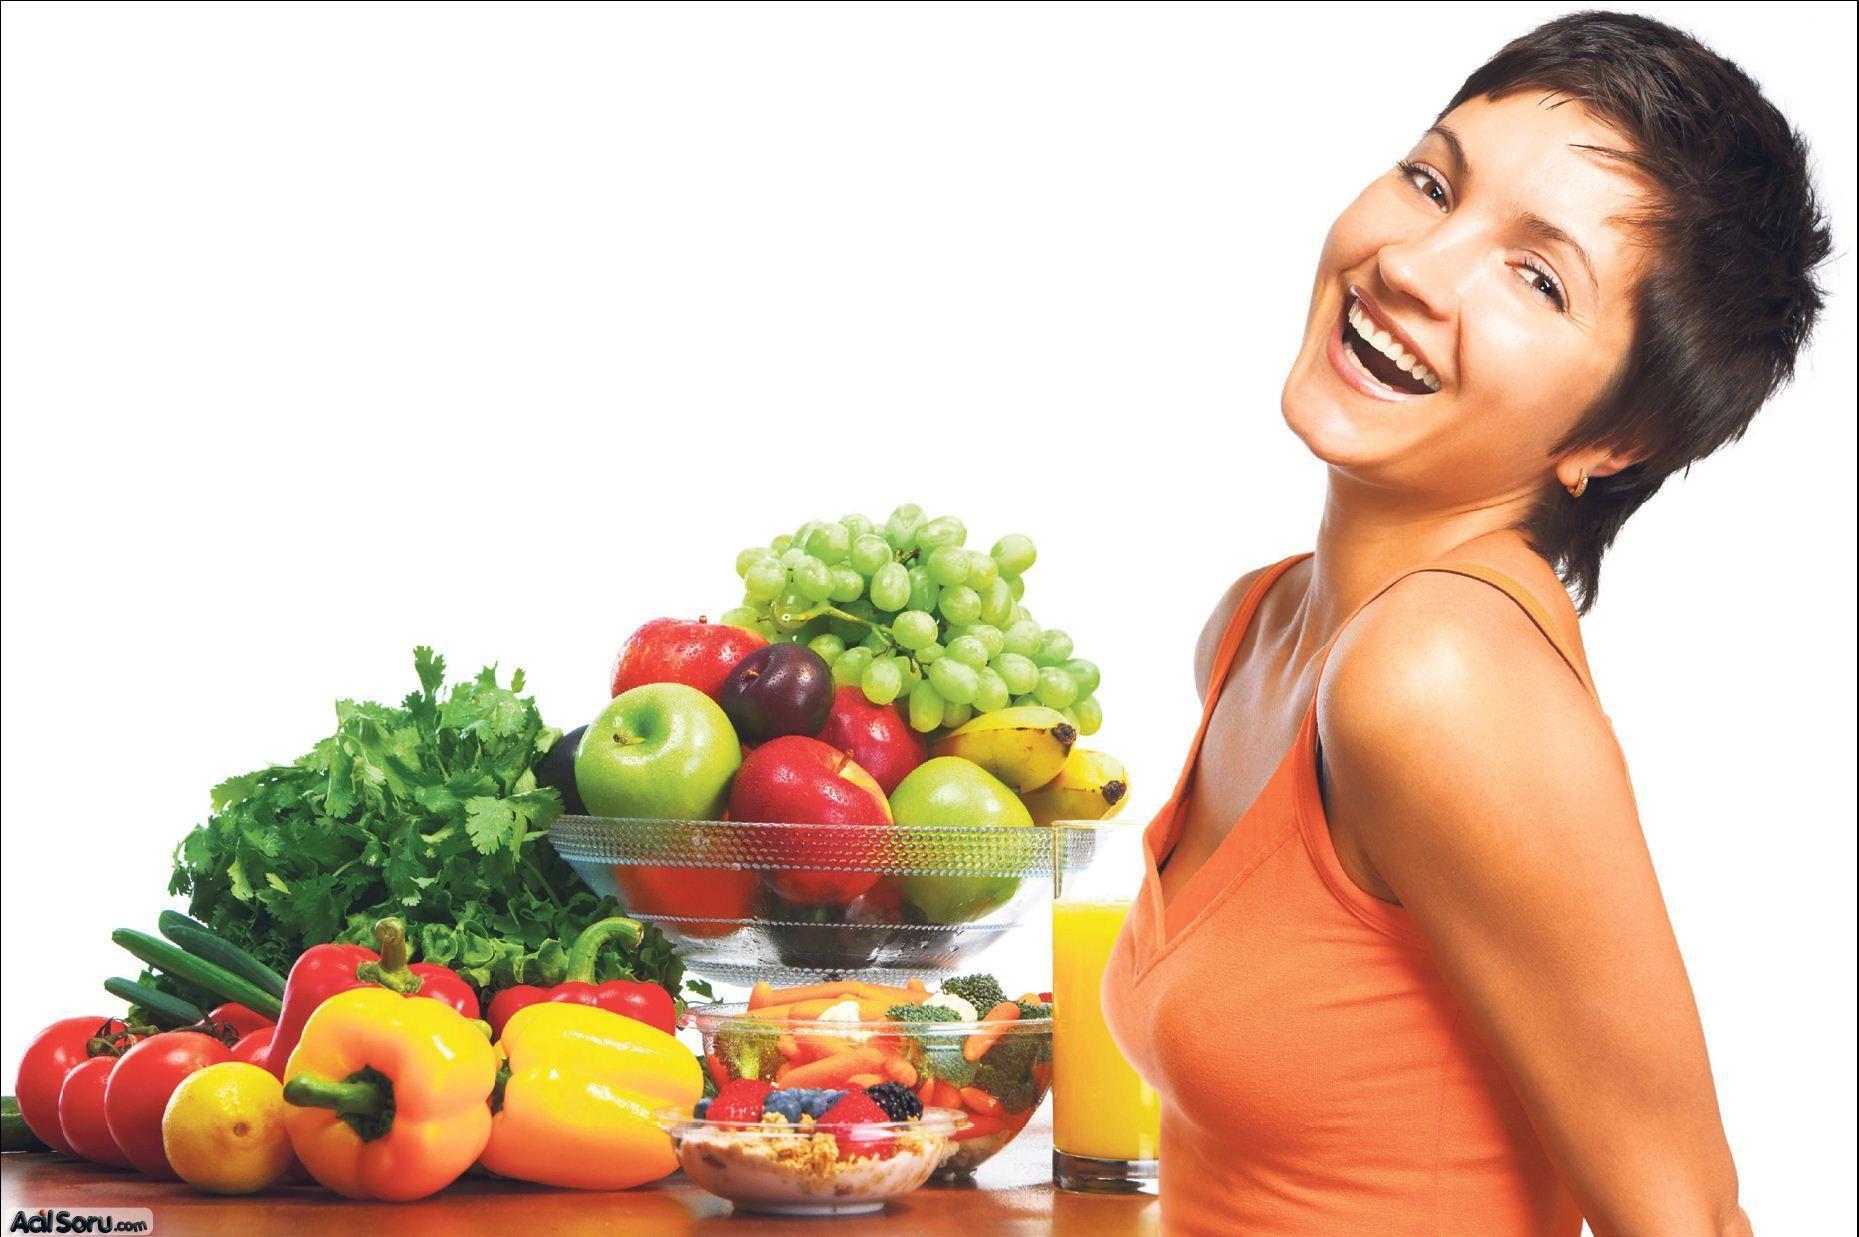 Estrogênios Naturais: Alimentos Ricos em Estrogênios Naturais